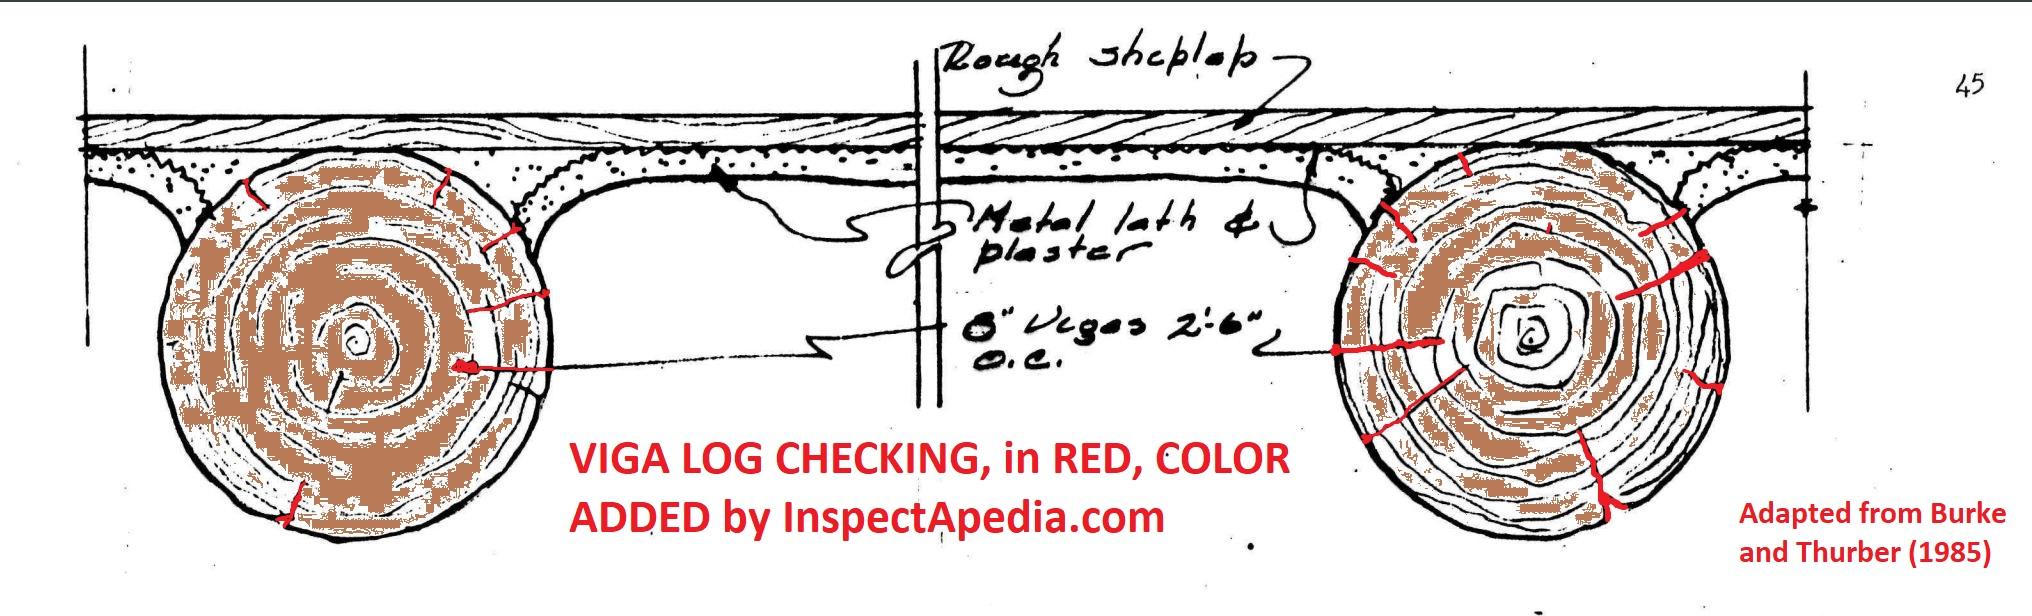 Cracks & Splits in Wood Beams, Logs, Vigas, Posts - FAQs Cause